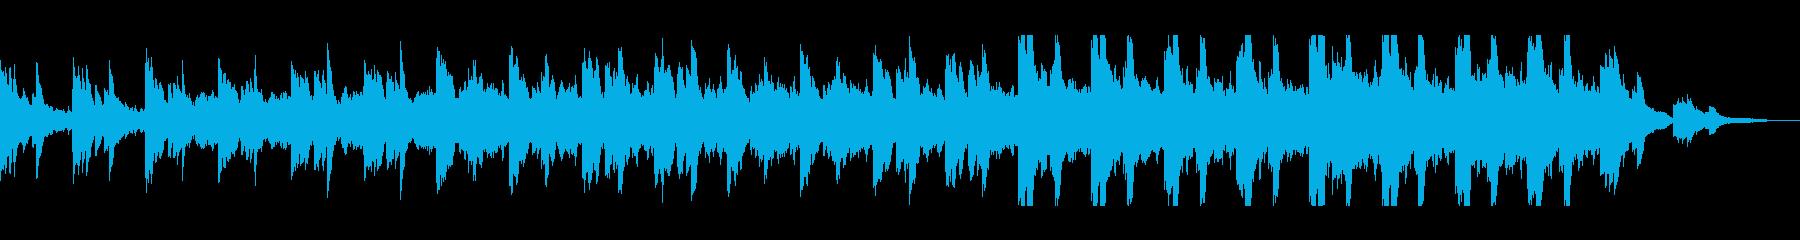 哀愁あるピアノ主旋律が印象的なバラードの再生済みの波形